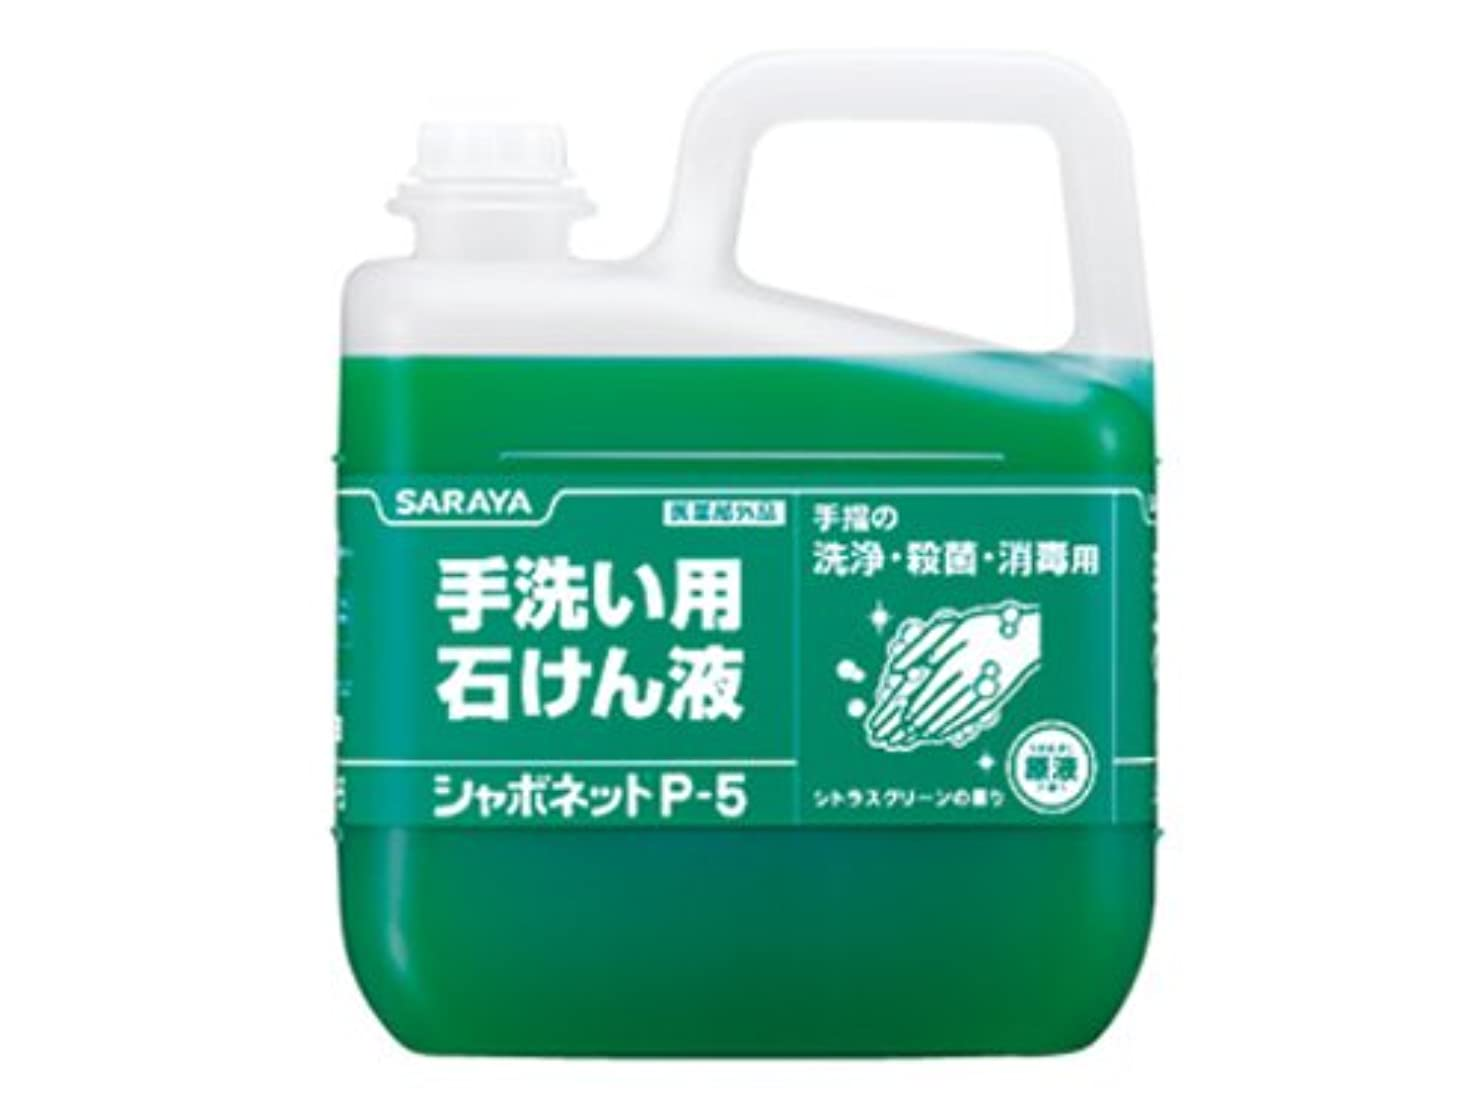 美徳火山の母性業務用ハンドソープ サラヤ シャボネット石鹸液P-5 5kgX3本入り